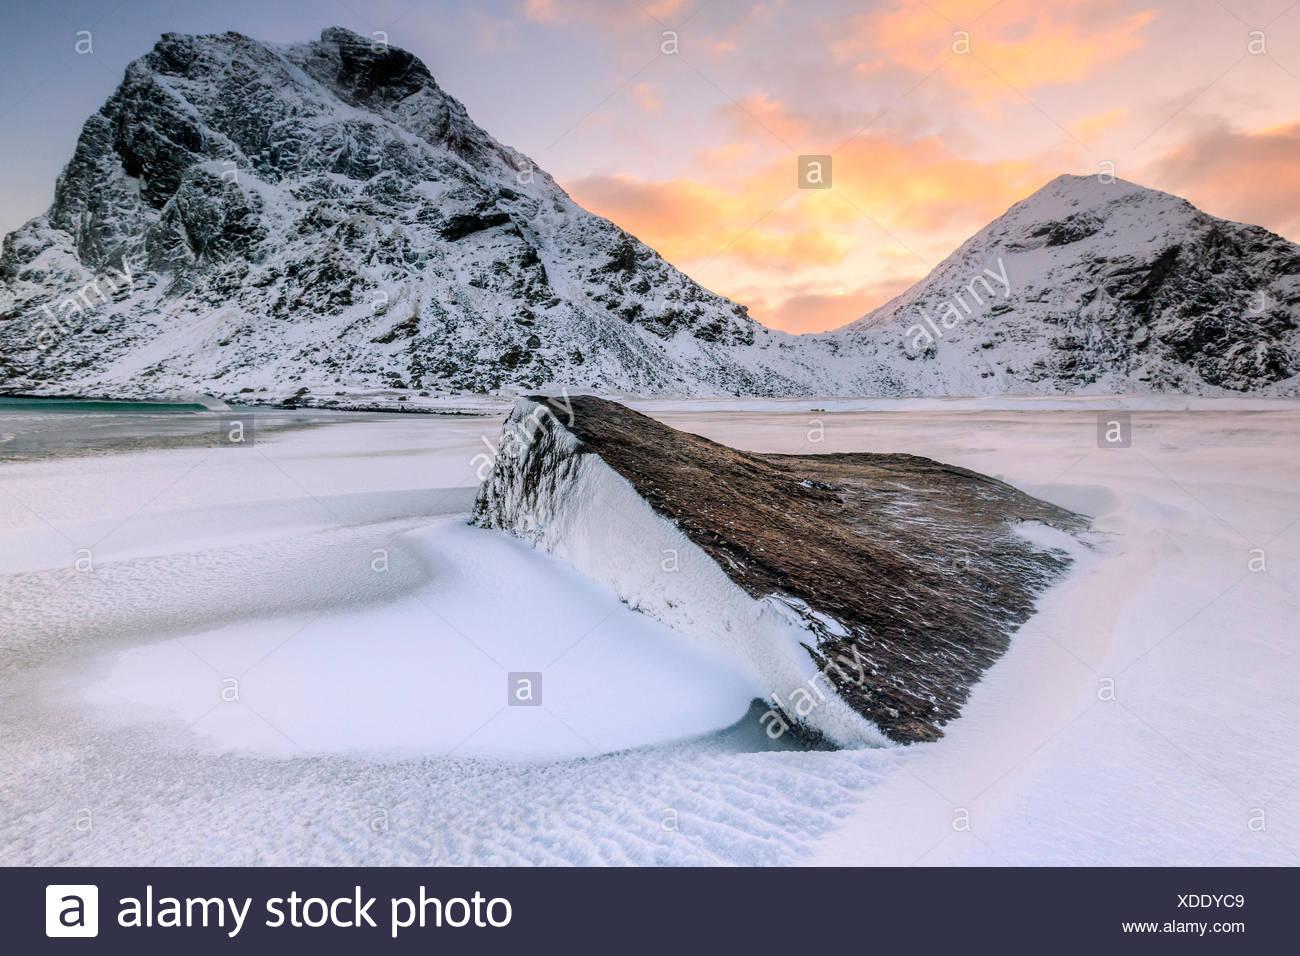 Alba illumina le rocce con la forma dal vento circondata da neve fresca, Uttakleiv Isole Lofoten in Norvegia Europa Immagini Stock